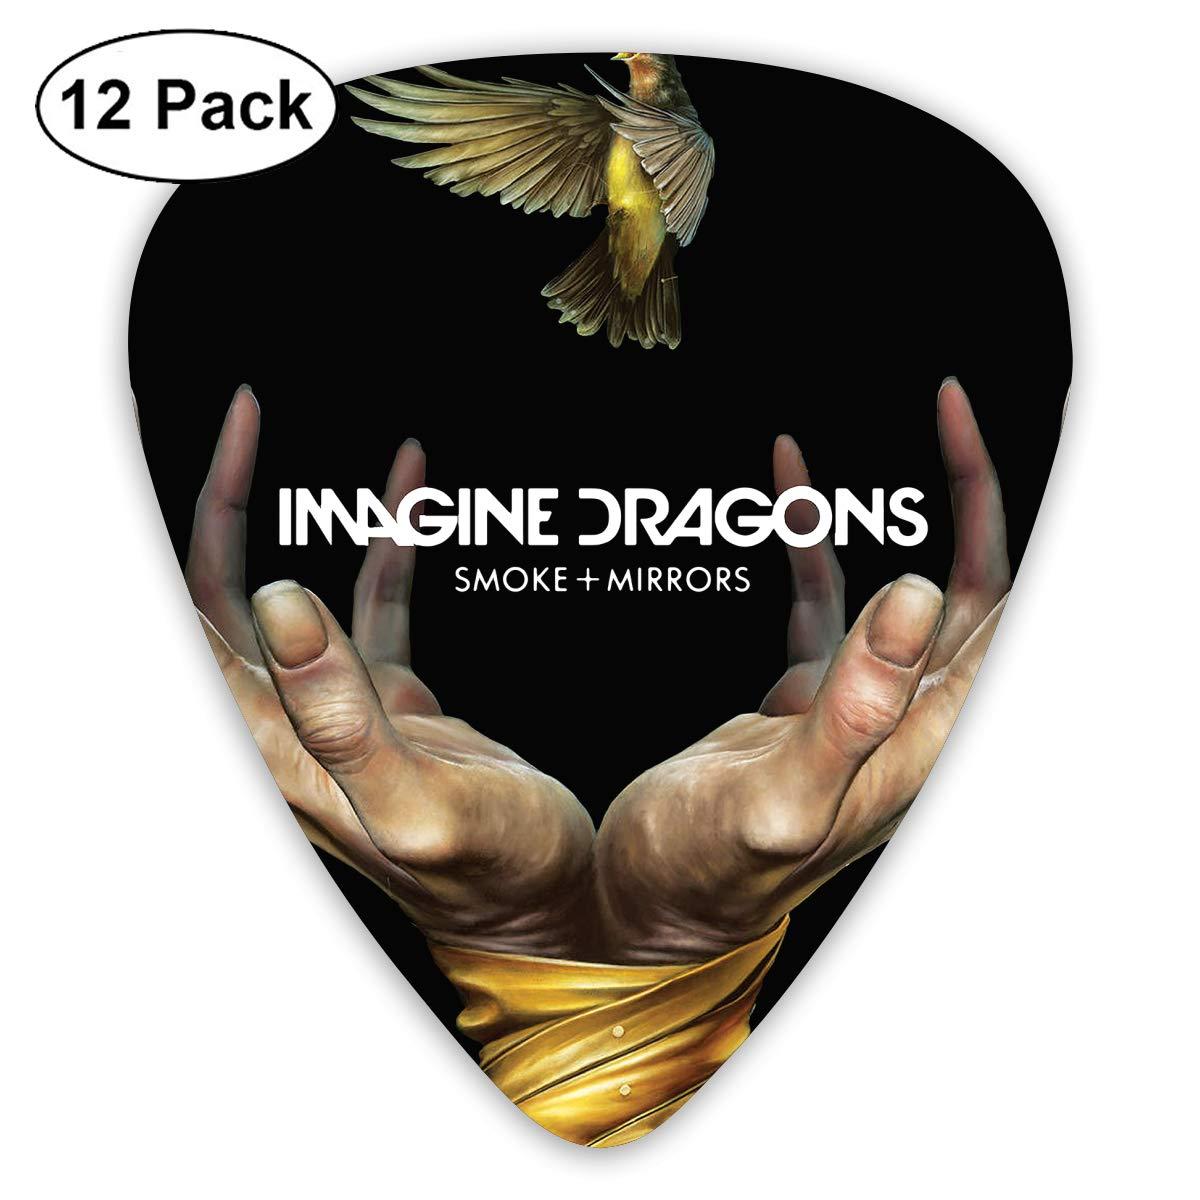 ElijahO Imagine Dragons スモークミラー セルロイドギターピックプレクトラム (12個パック) 電動ギター、アコースティックギター、マンダリン、ギターベース用   B07KQ5XQ94